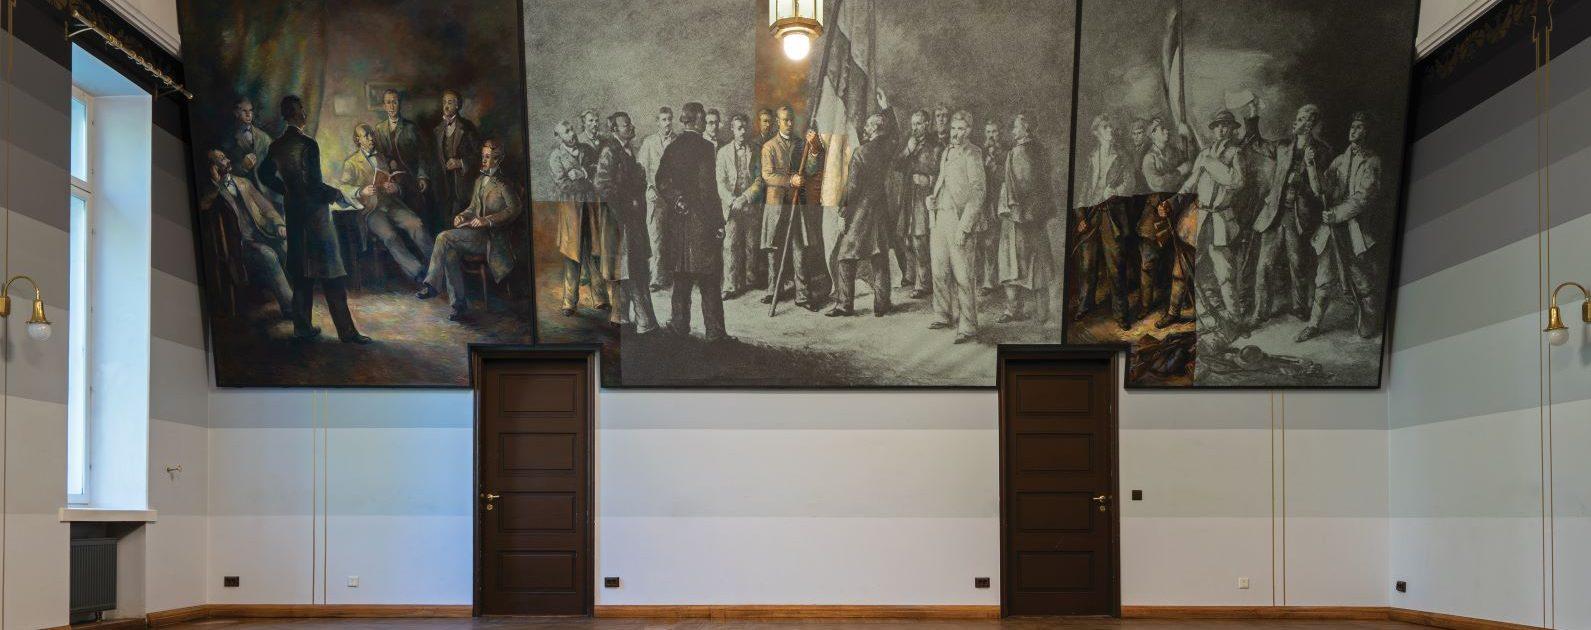 Rekonstrueeritud pannoo oma algkodus – Eesti Üliõpilaste Seltsi Tartu majas. Foto Villu Plink